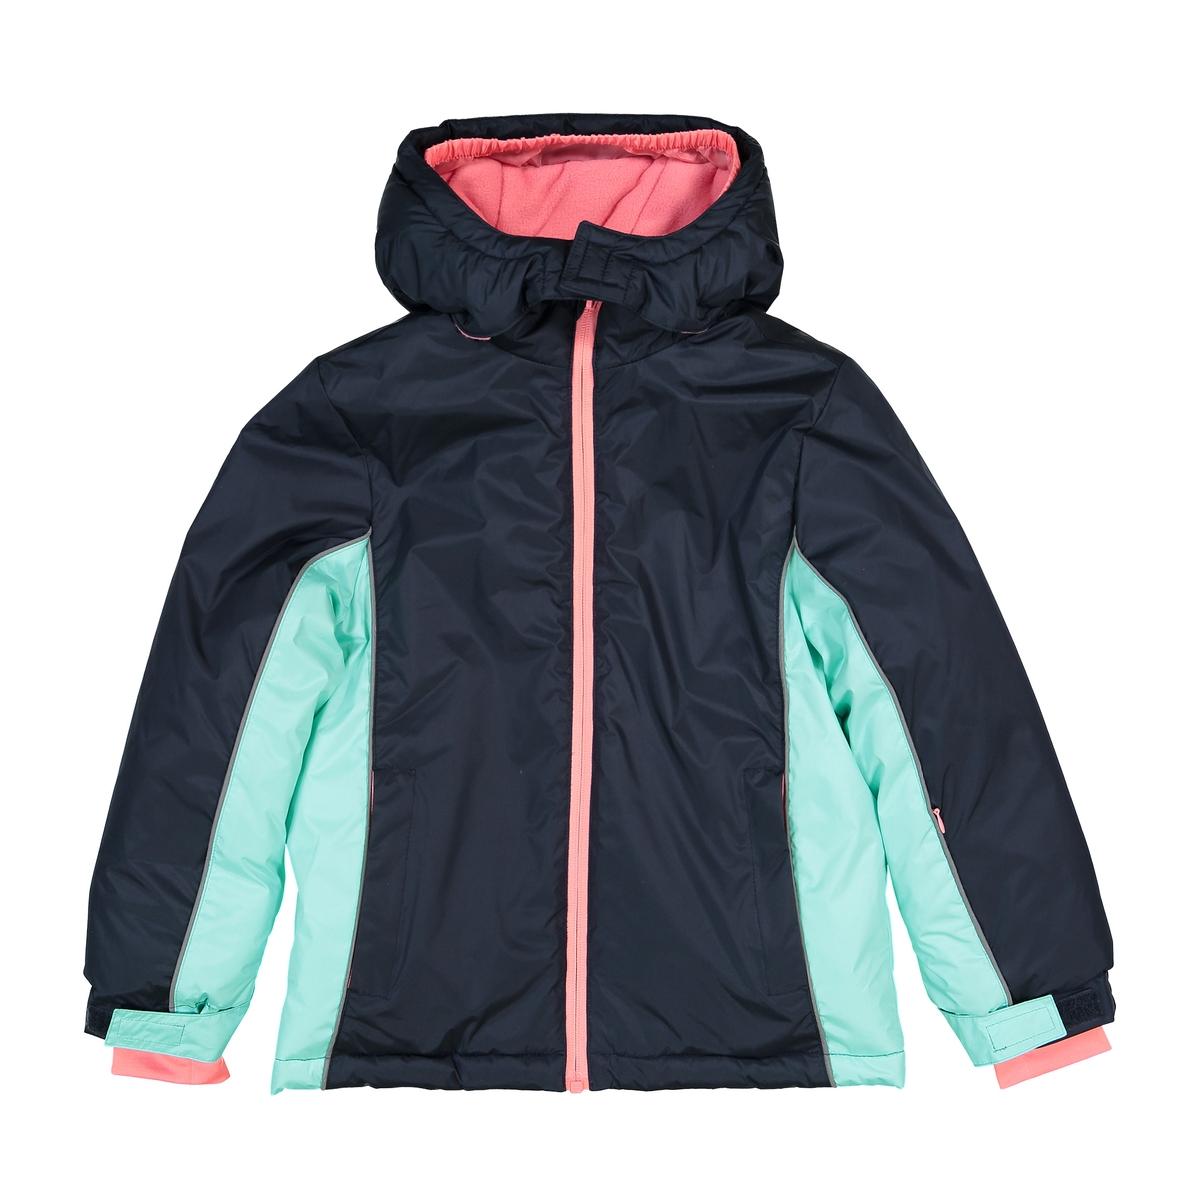 Куртка лыжная с капюшоном, 3-16 лет толстовка лыжная для мальчиков 3 16 лет